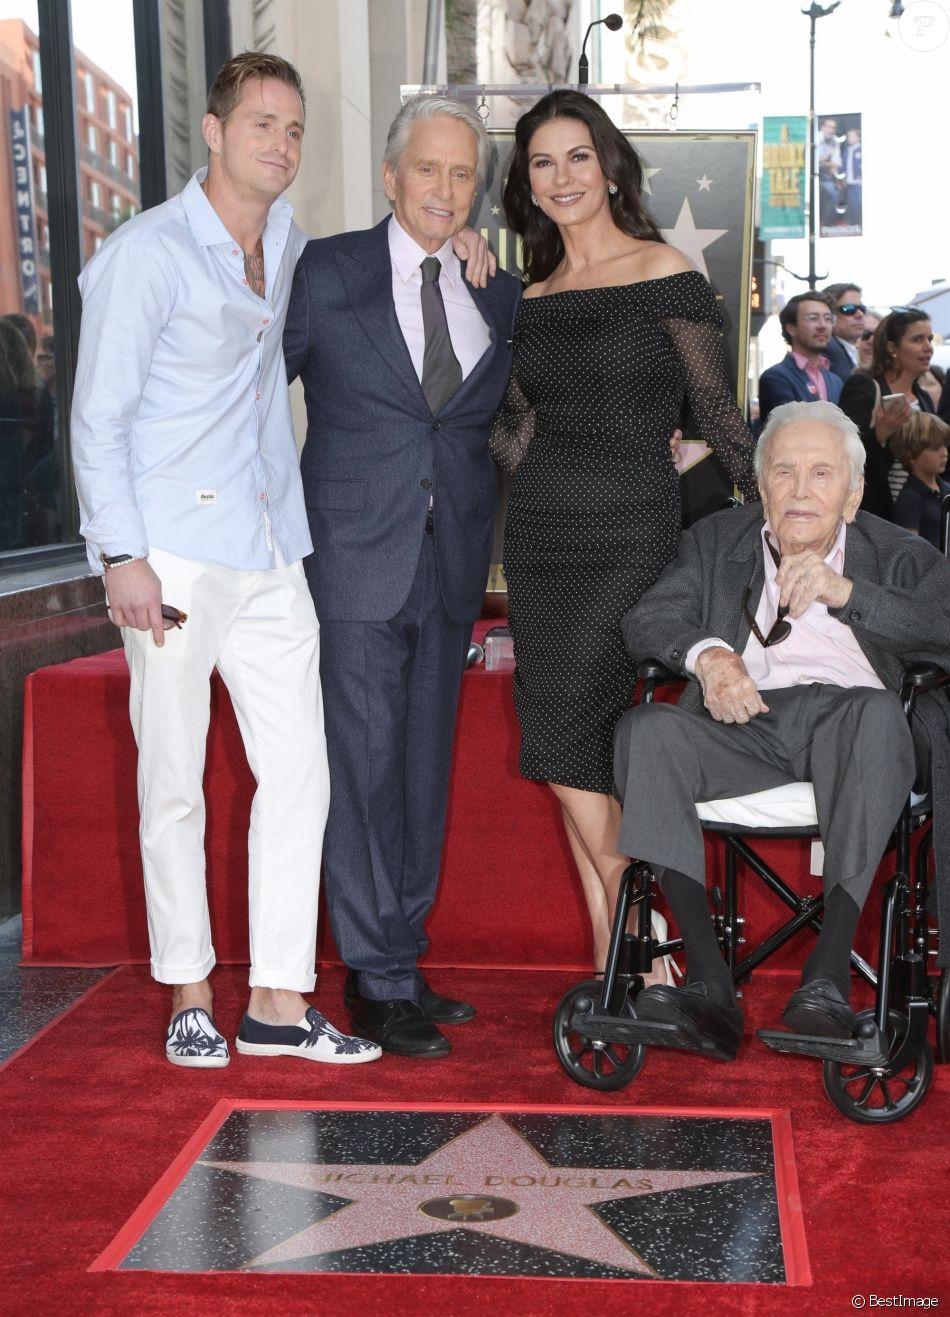 Cameron Douglas avec son père Michael Douglas, sa belle-mère Catherine Zeta-Jones et son grand-père Kirk Douglas - Les célébrités arrivent à la remise de l'étoile de Michael Douglas sur le Walk of Fame à Hollywood, le 6 novembre 2018